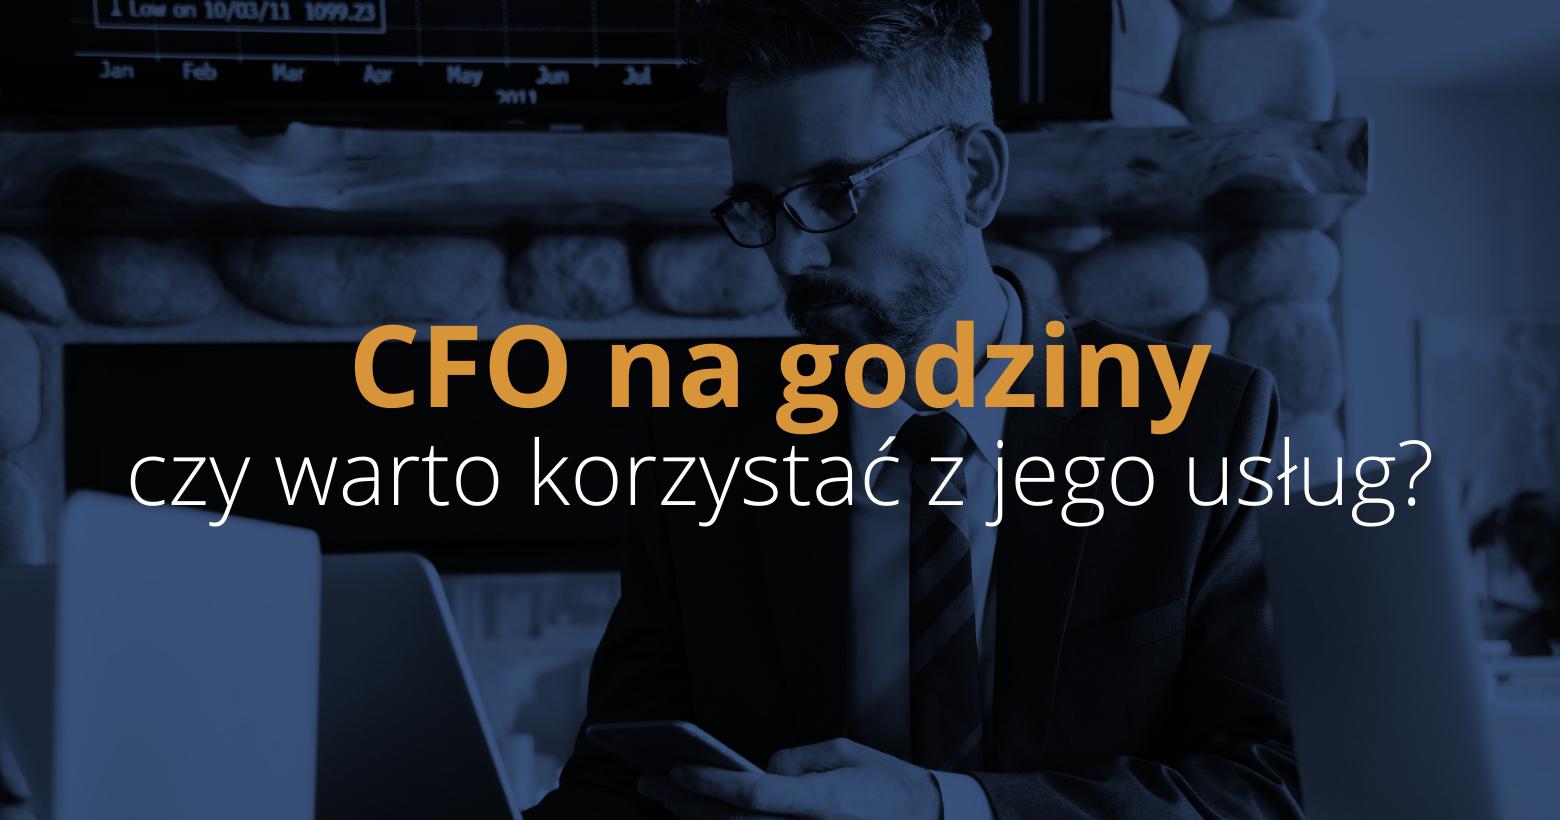 CFO na godziny – czy warto korzystać z jego usług?